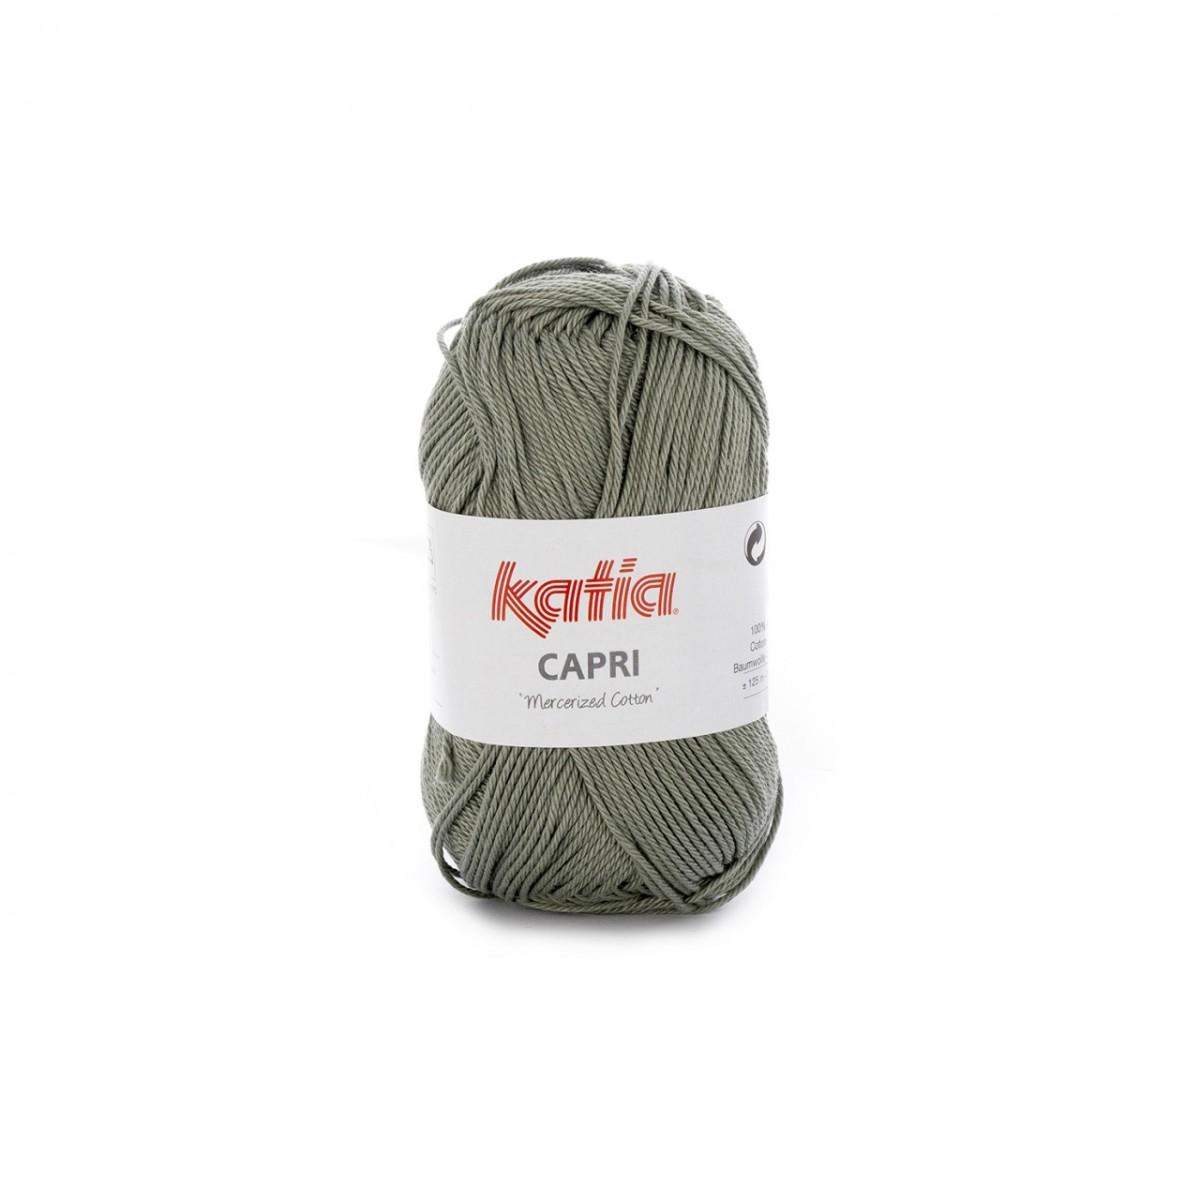 HIELO 82157 125 m Wolle CAPRI von Katia - 50 g // ca